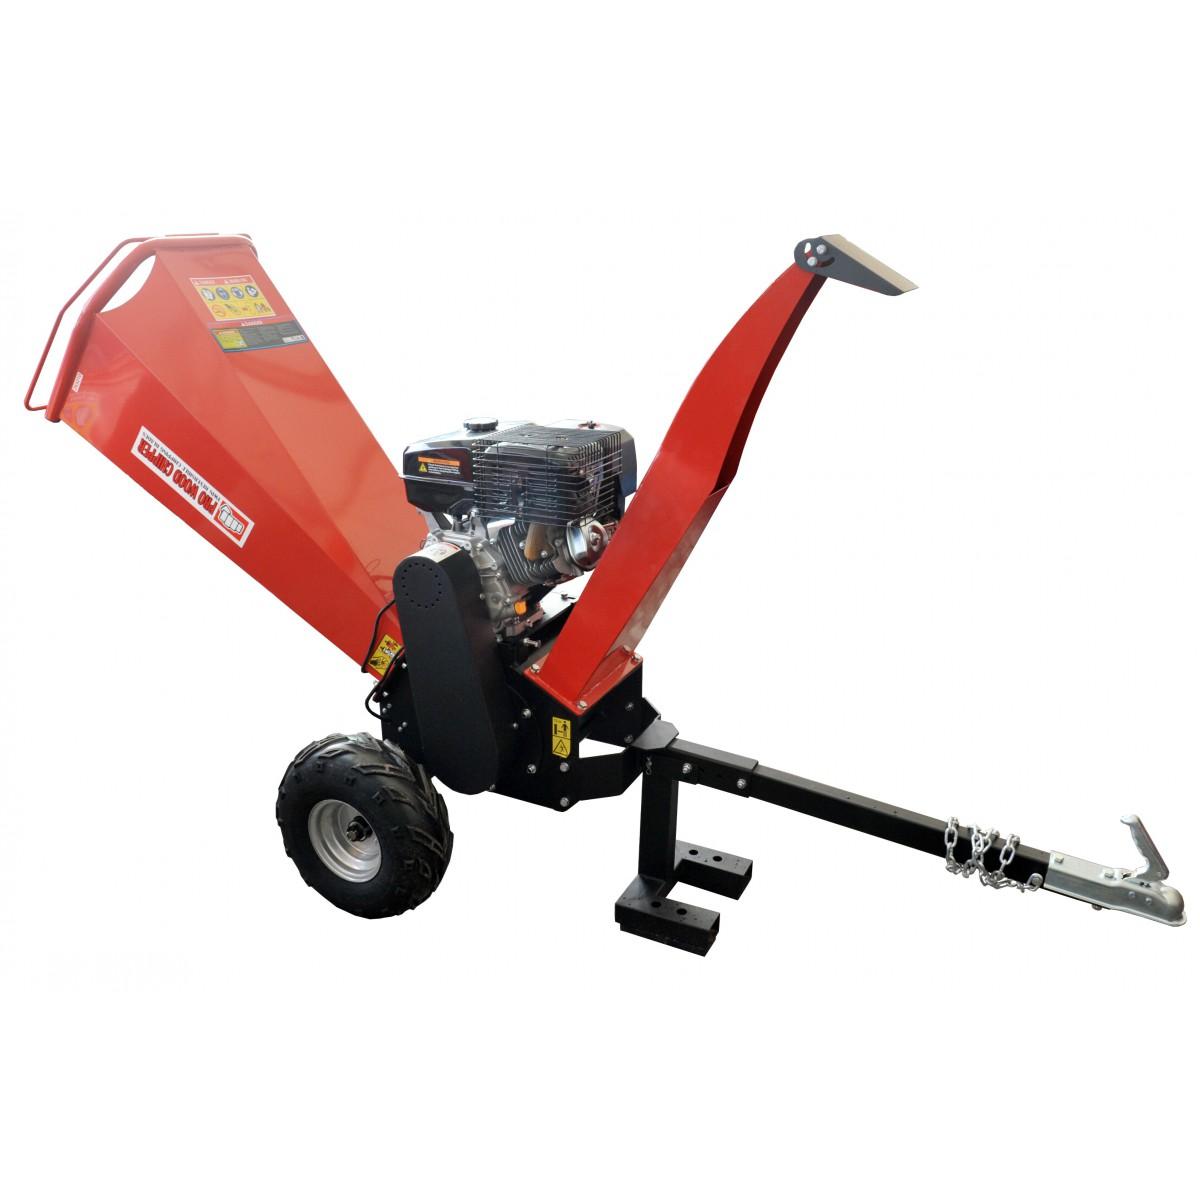 DR-CS-15HP petrol chipper